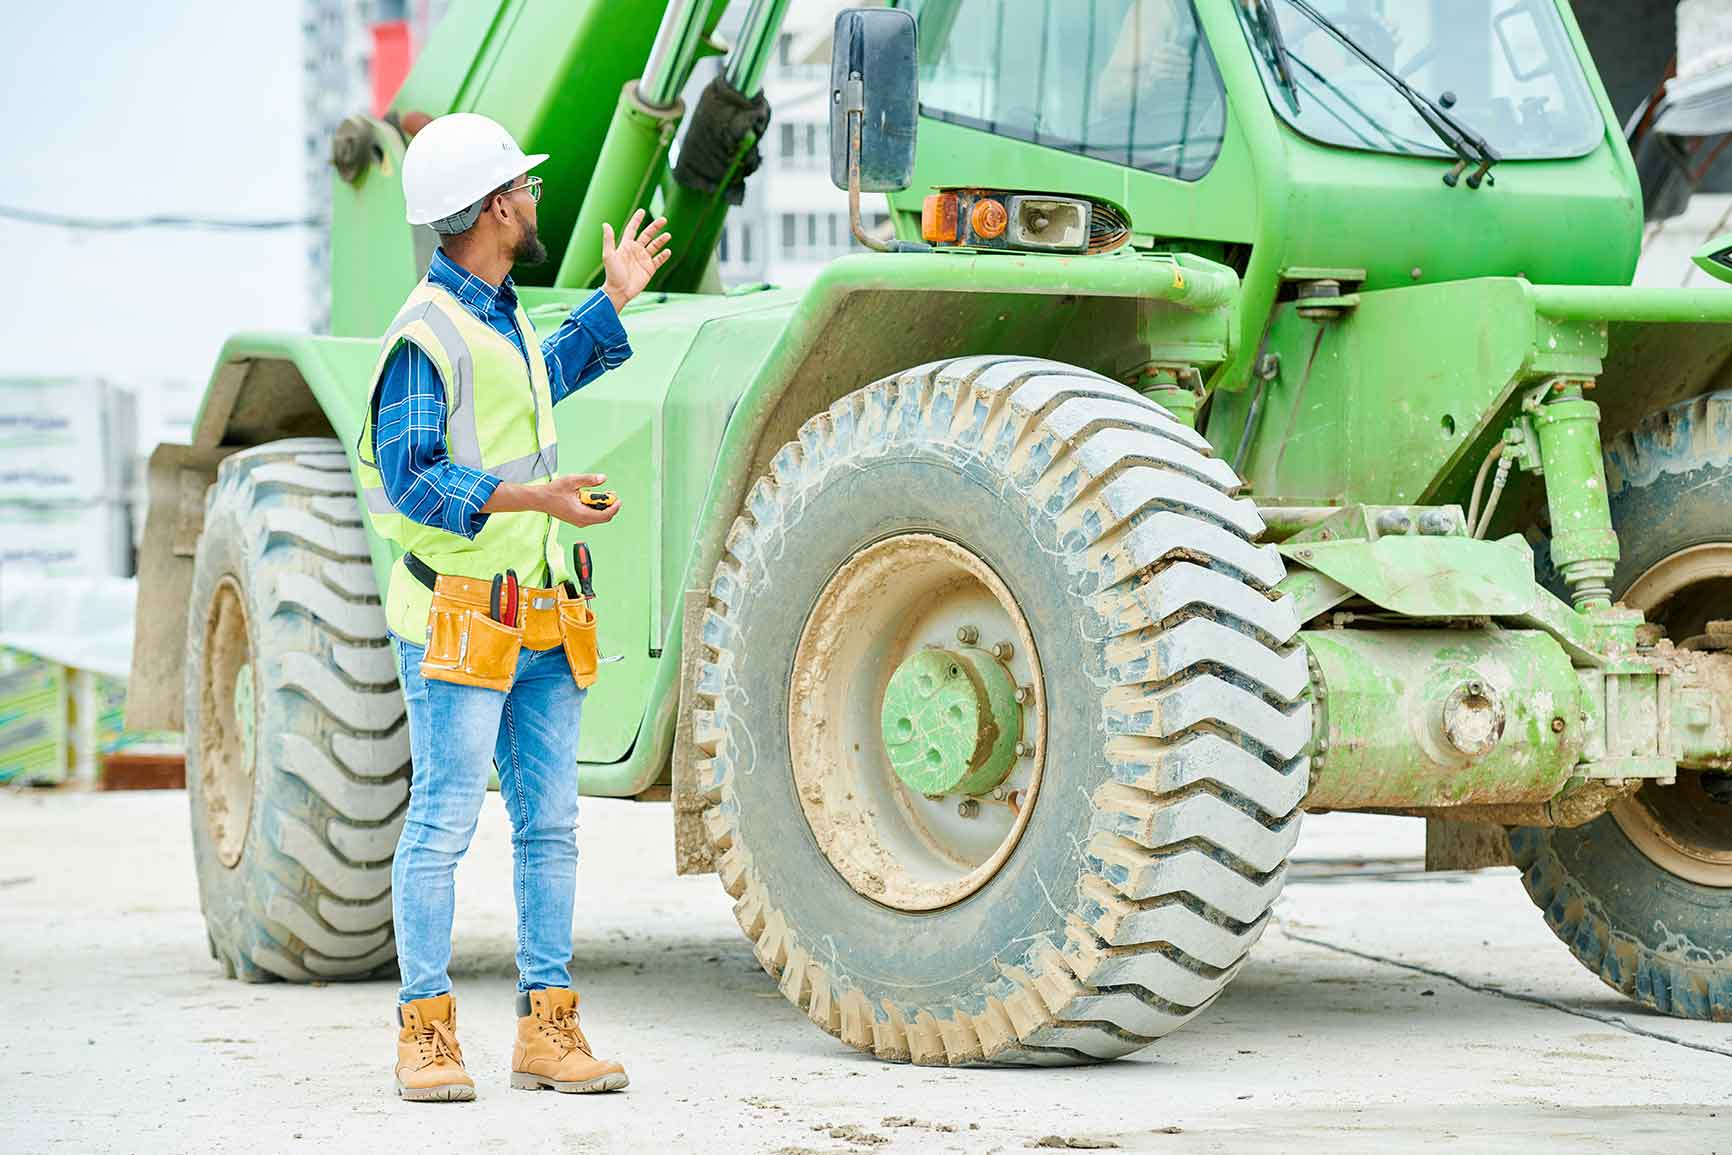 Assistenza in cantiere per la valutazione dei consumi carburante e recupero accise